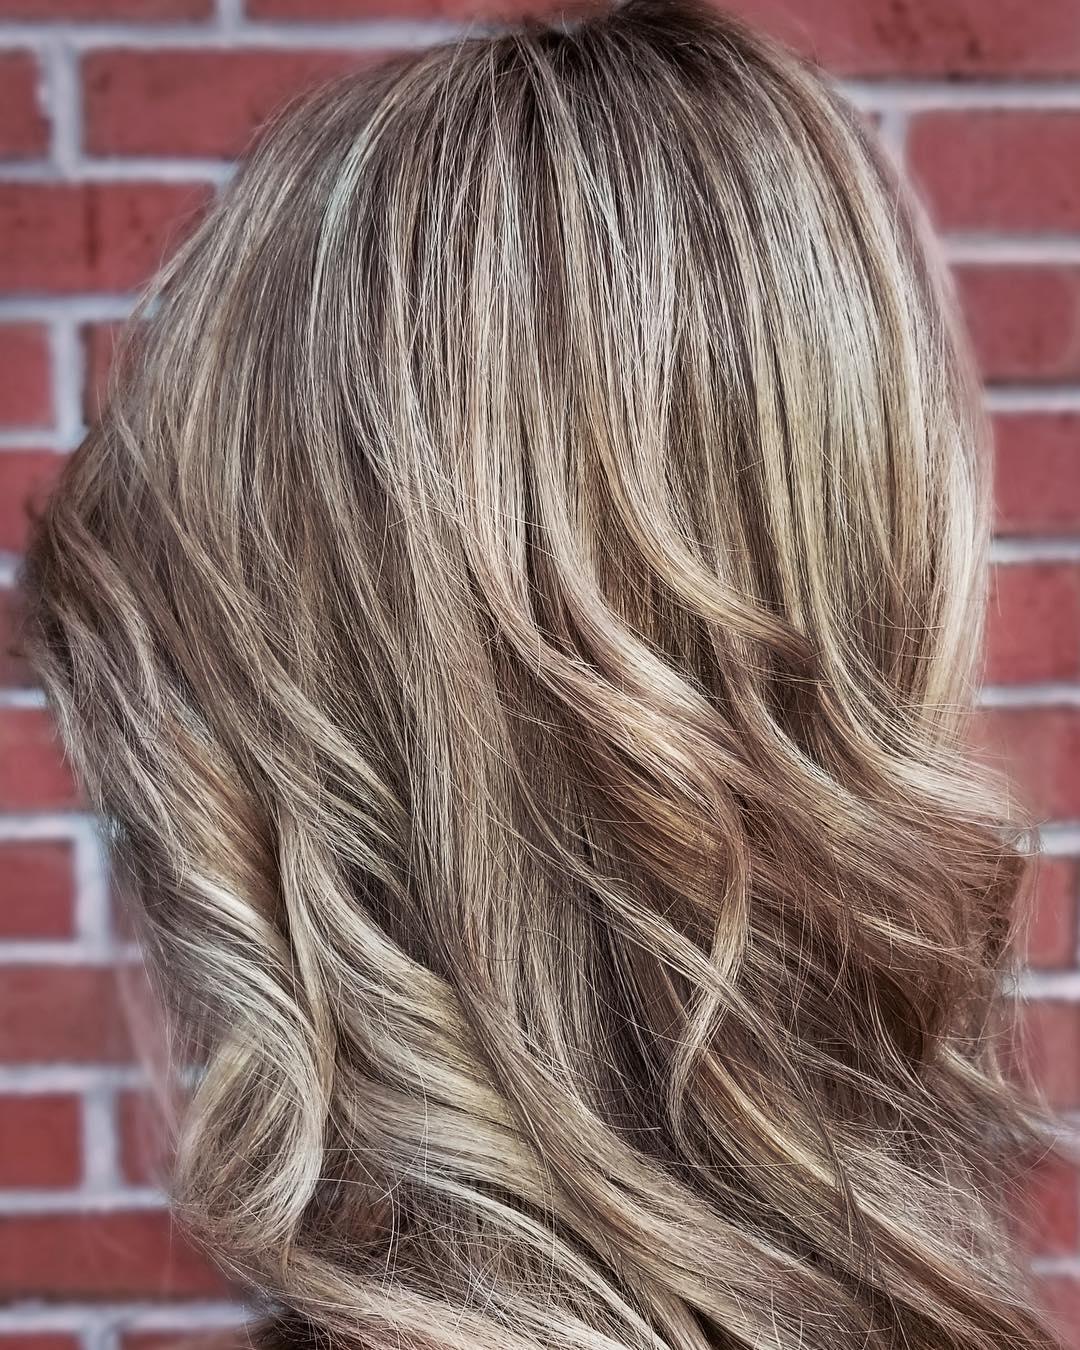 Brown lowlights on blonde hair